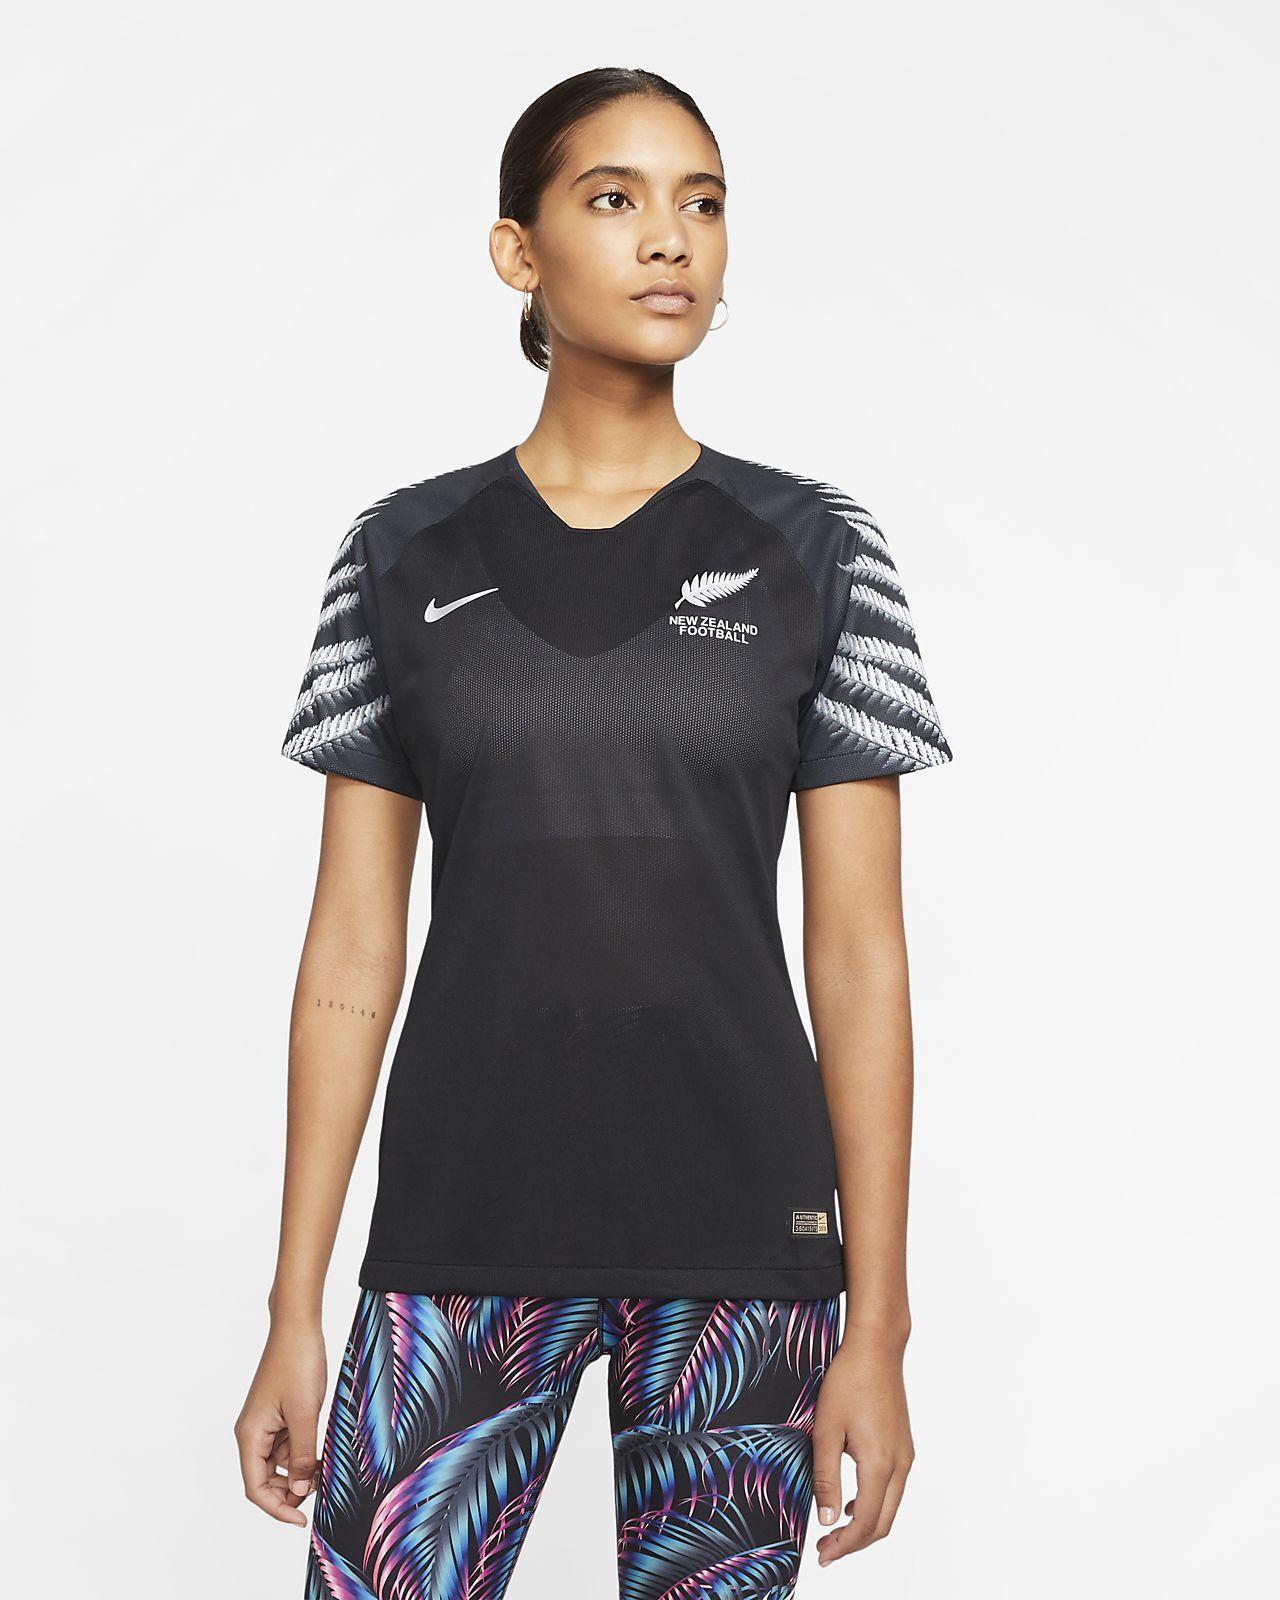 New Zealand 2019 Away női futballmez